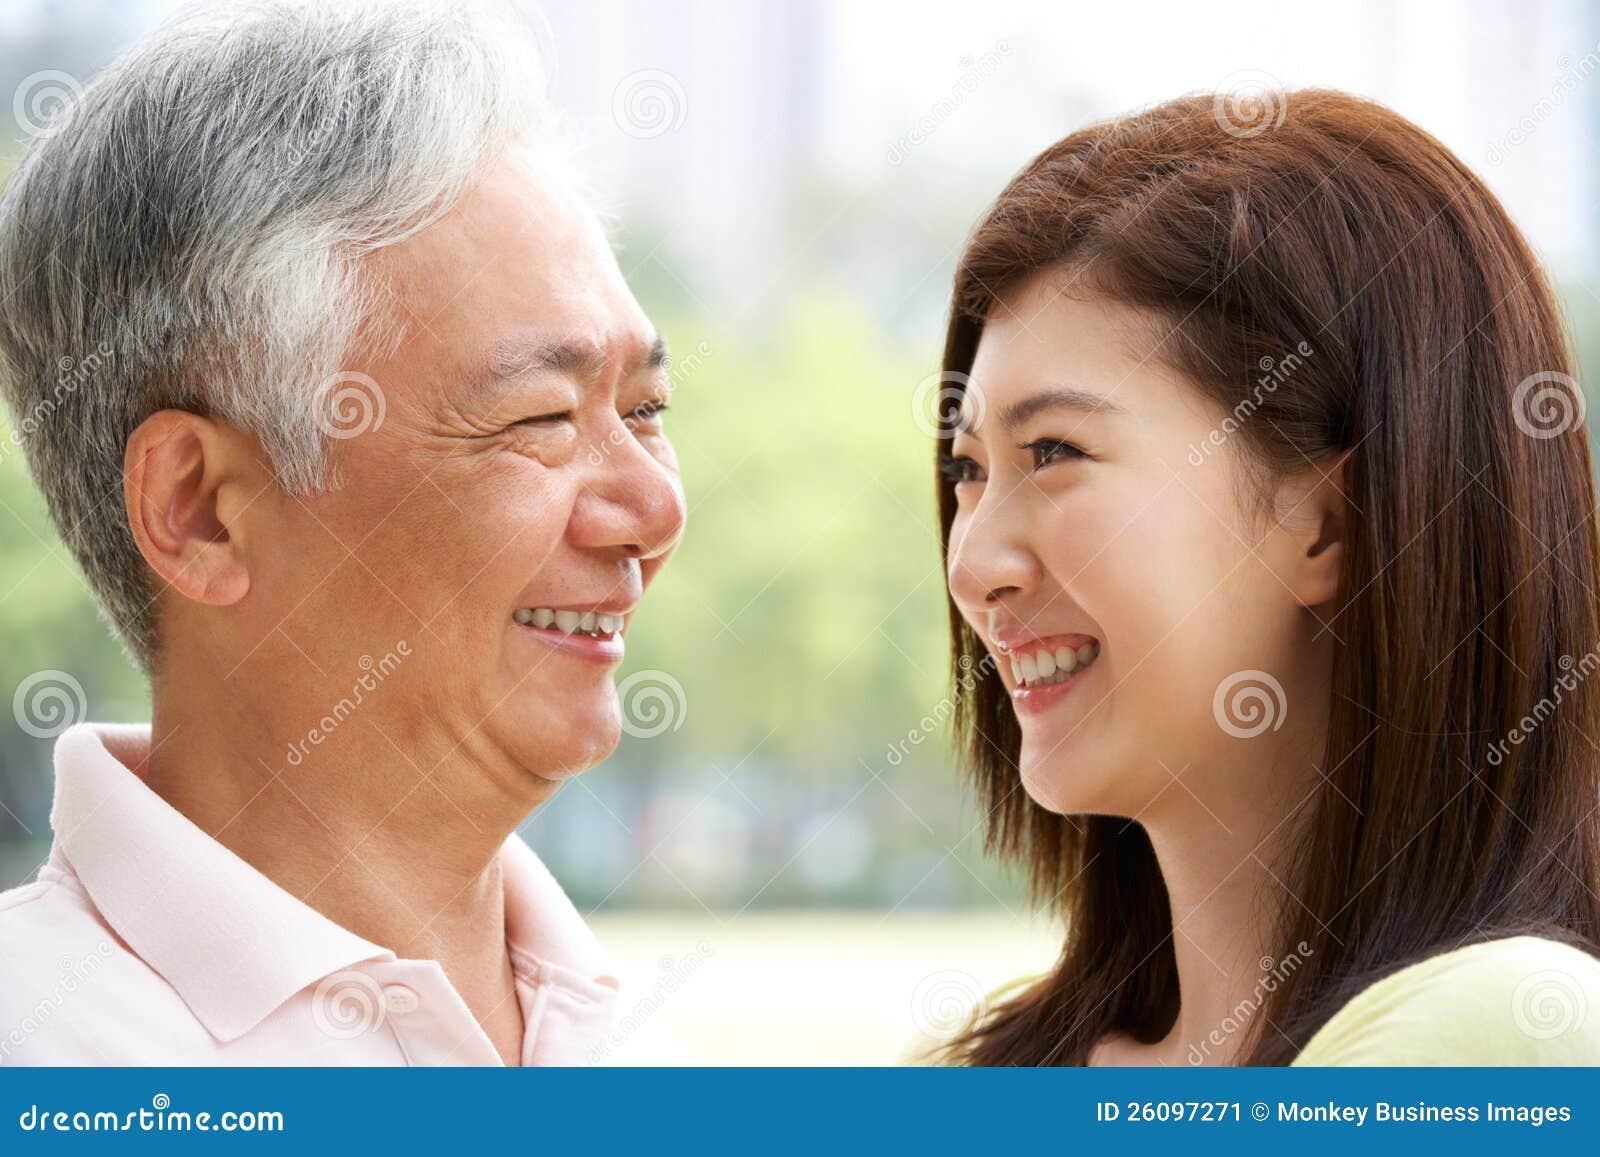 Толстая дочь и отец онлайн, Толстая дочка -видео. Смотреть толстая дочка 28 фотография